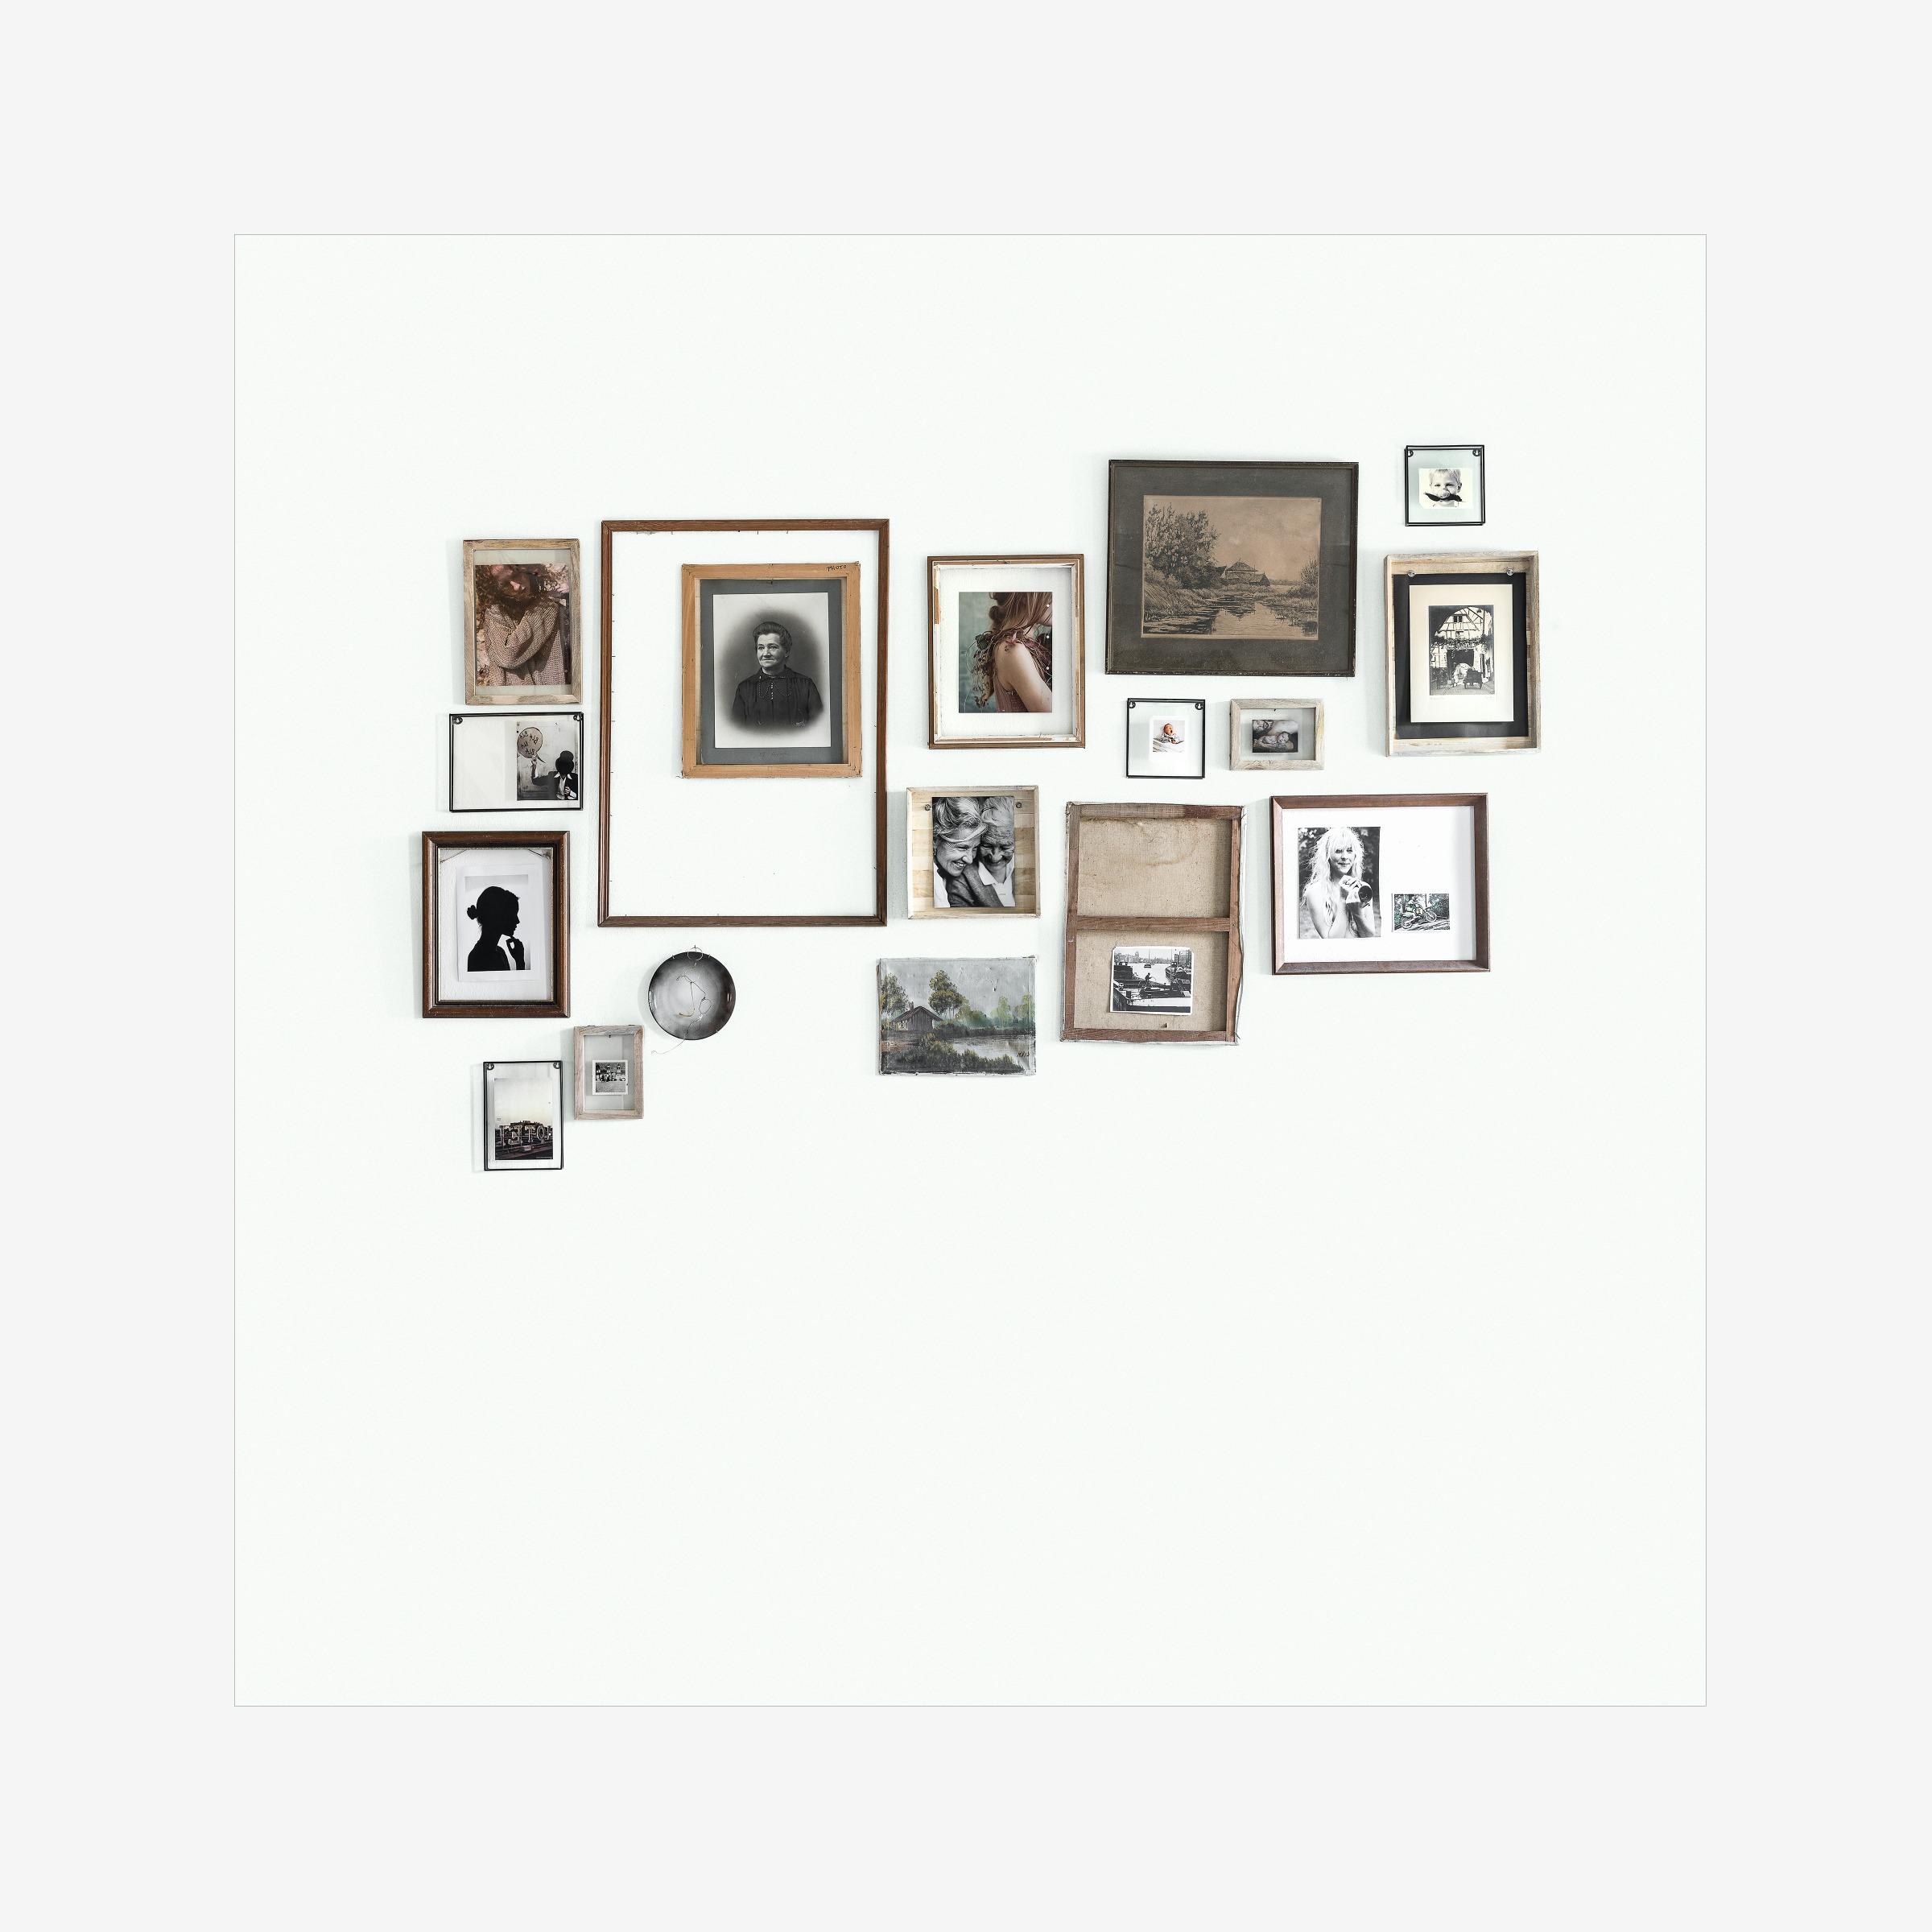 vtwonen Fotobehang 300 x 300 cm Gallery